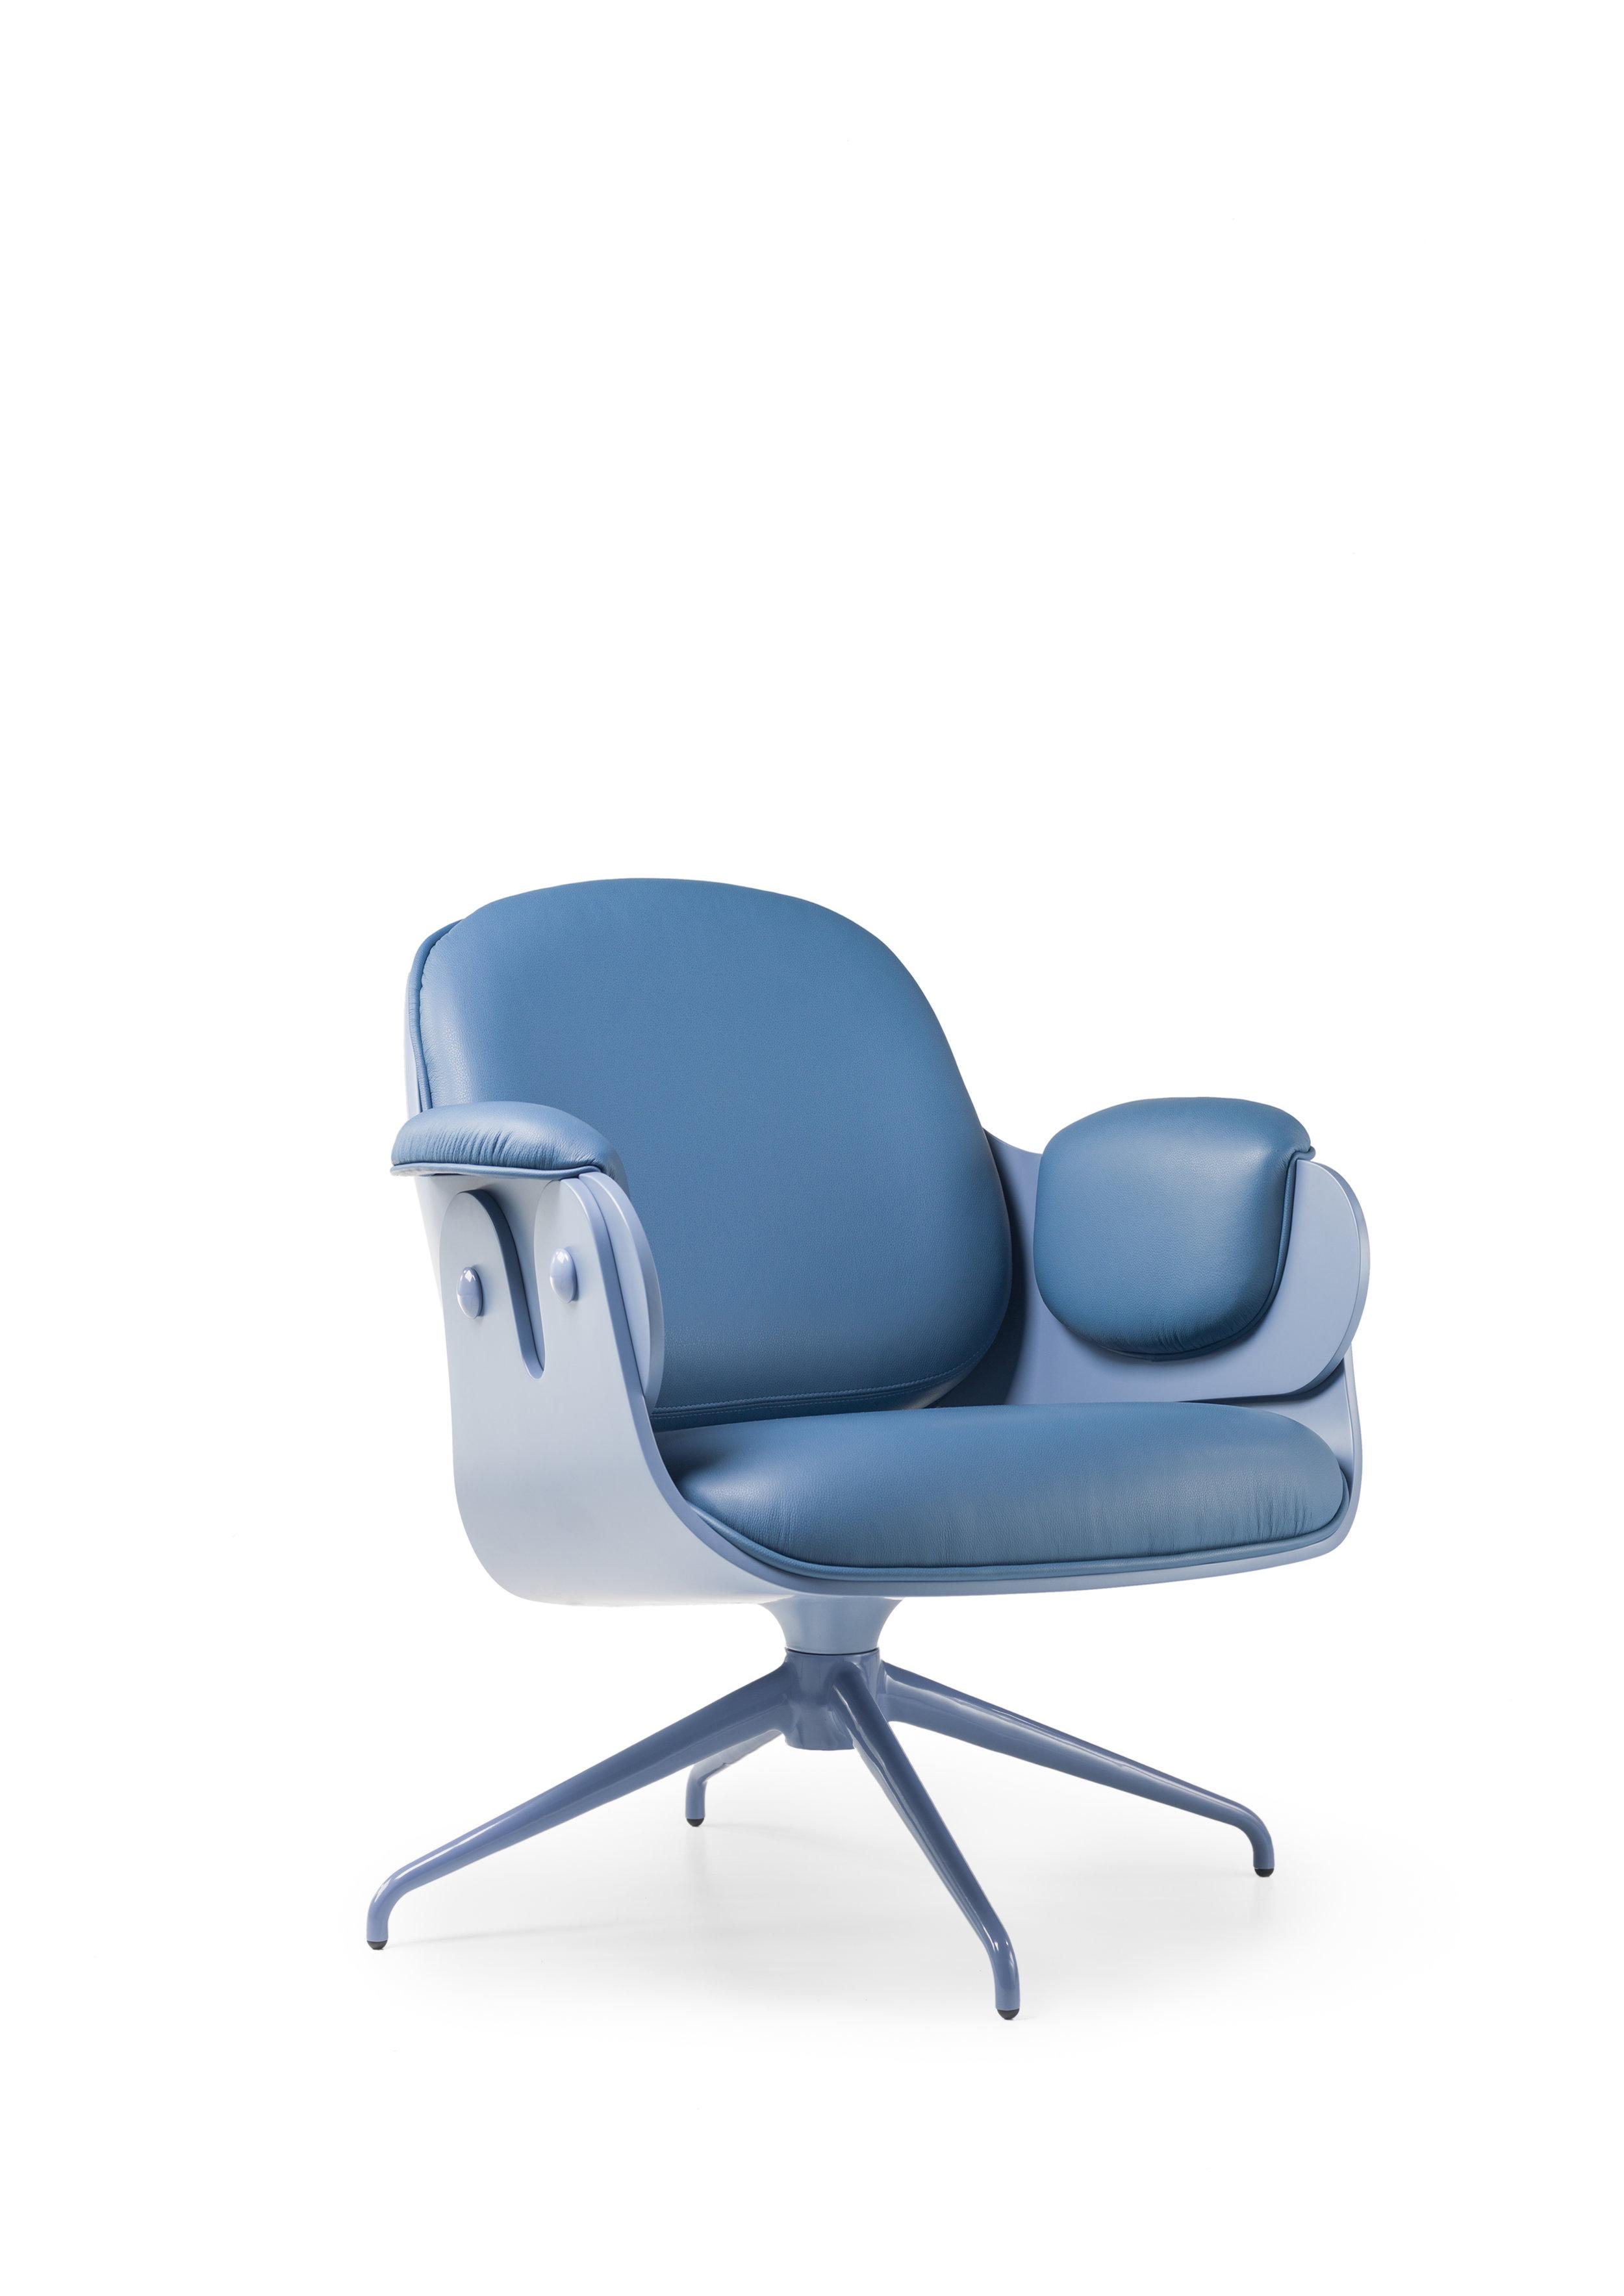 Lounger 3 cuartos azul-1.jpg